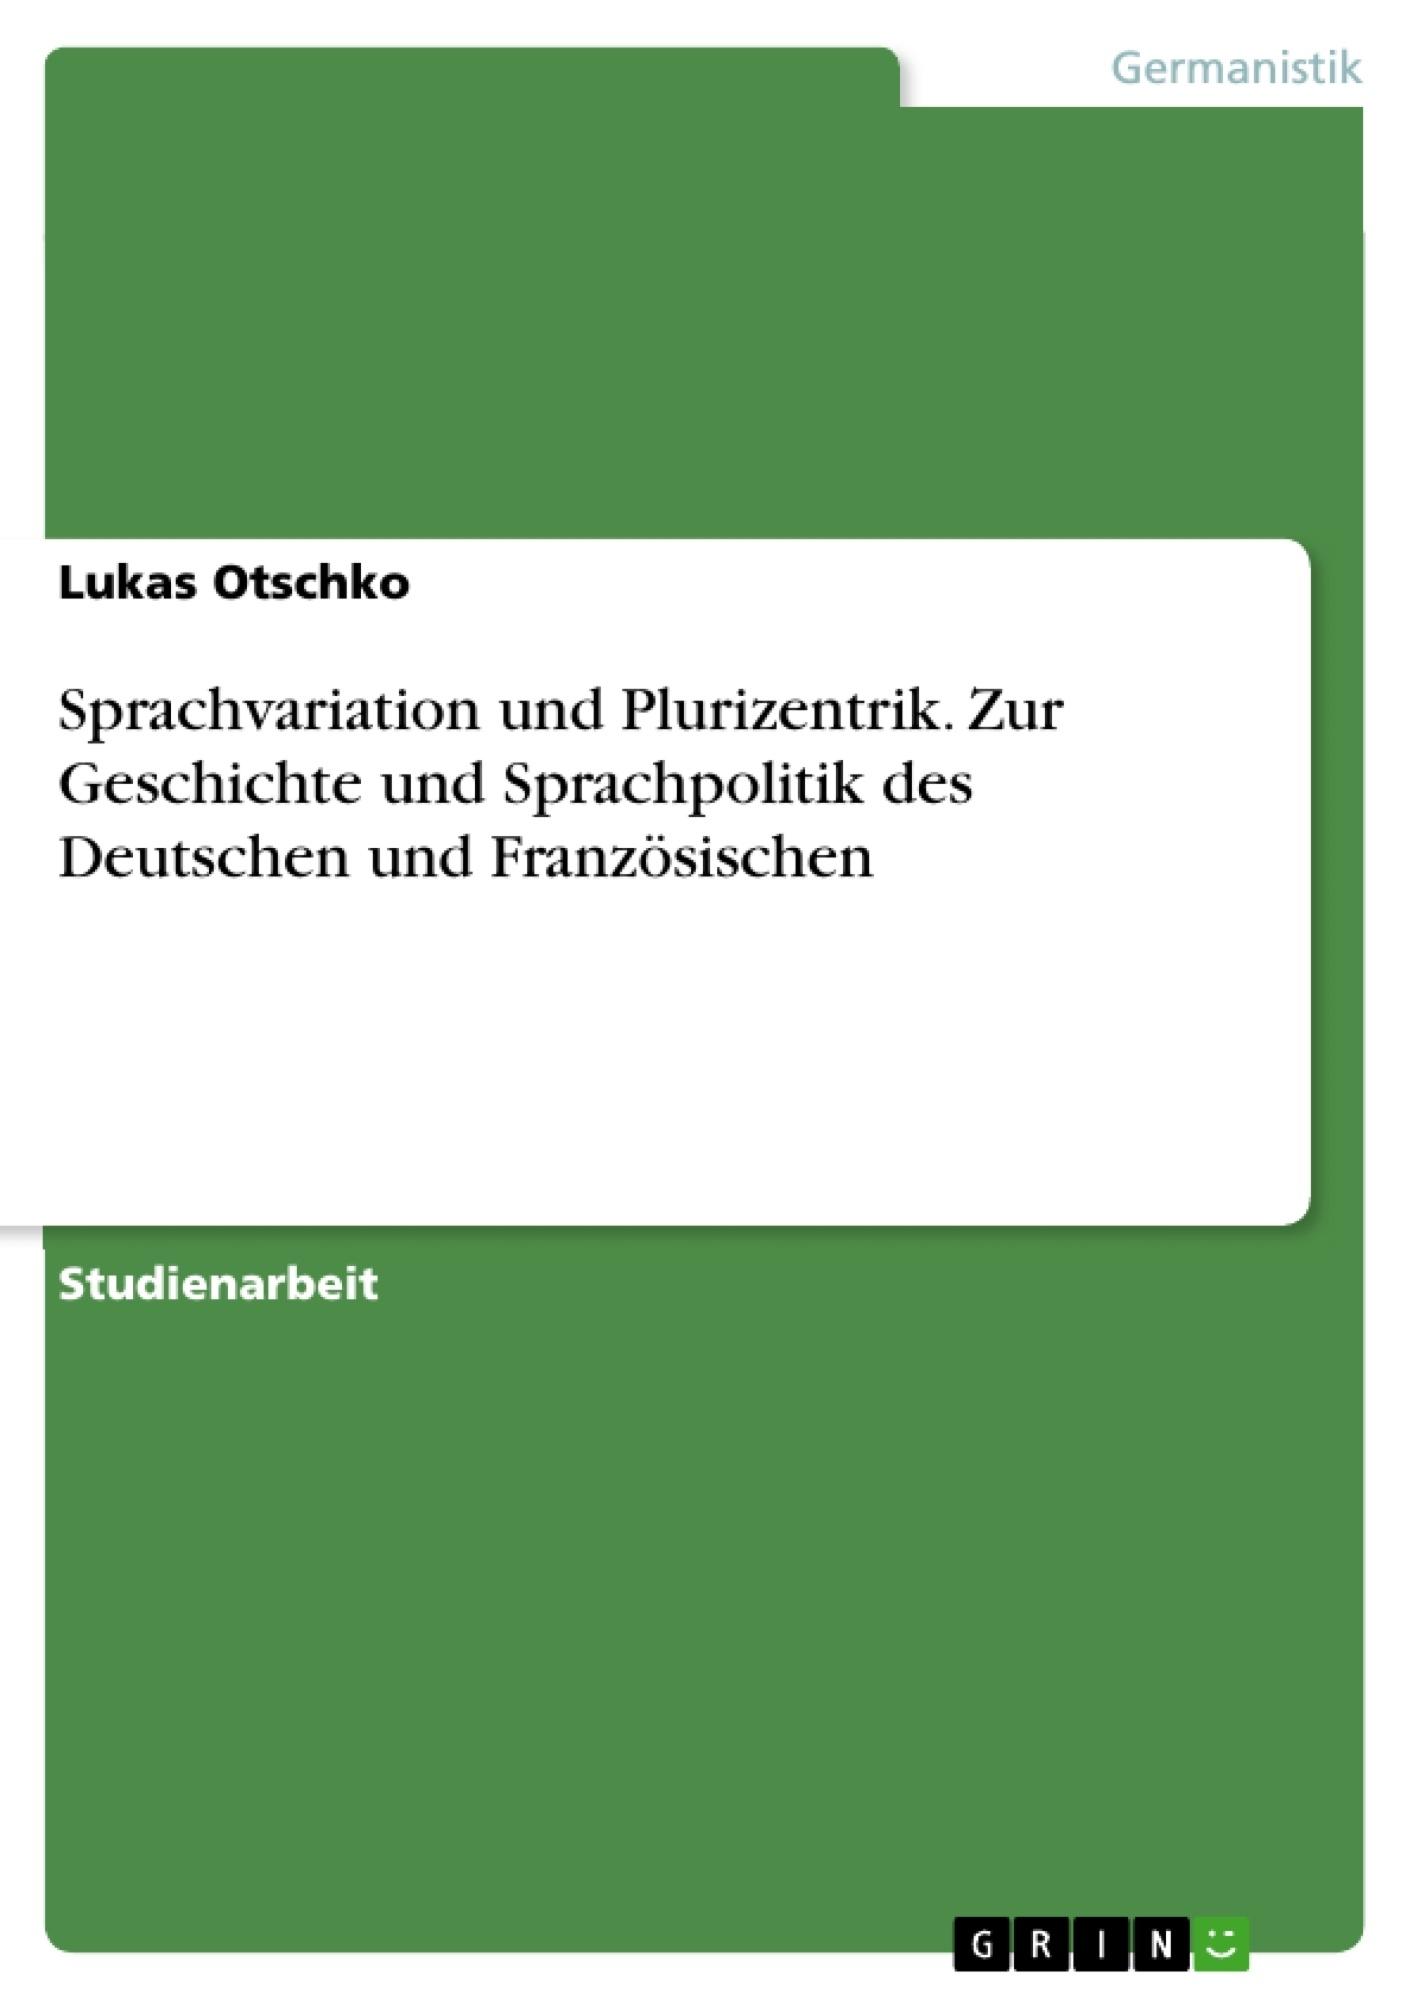 Titel: Sprachvariation und Plurizentrik. Zur Geschichte und Sprachpolitik des Deutschen und Französischen